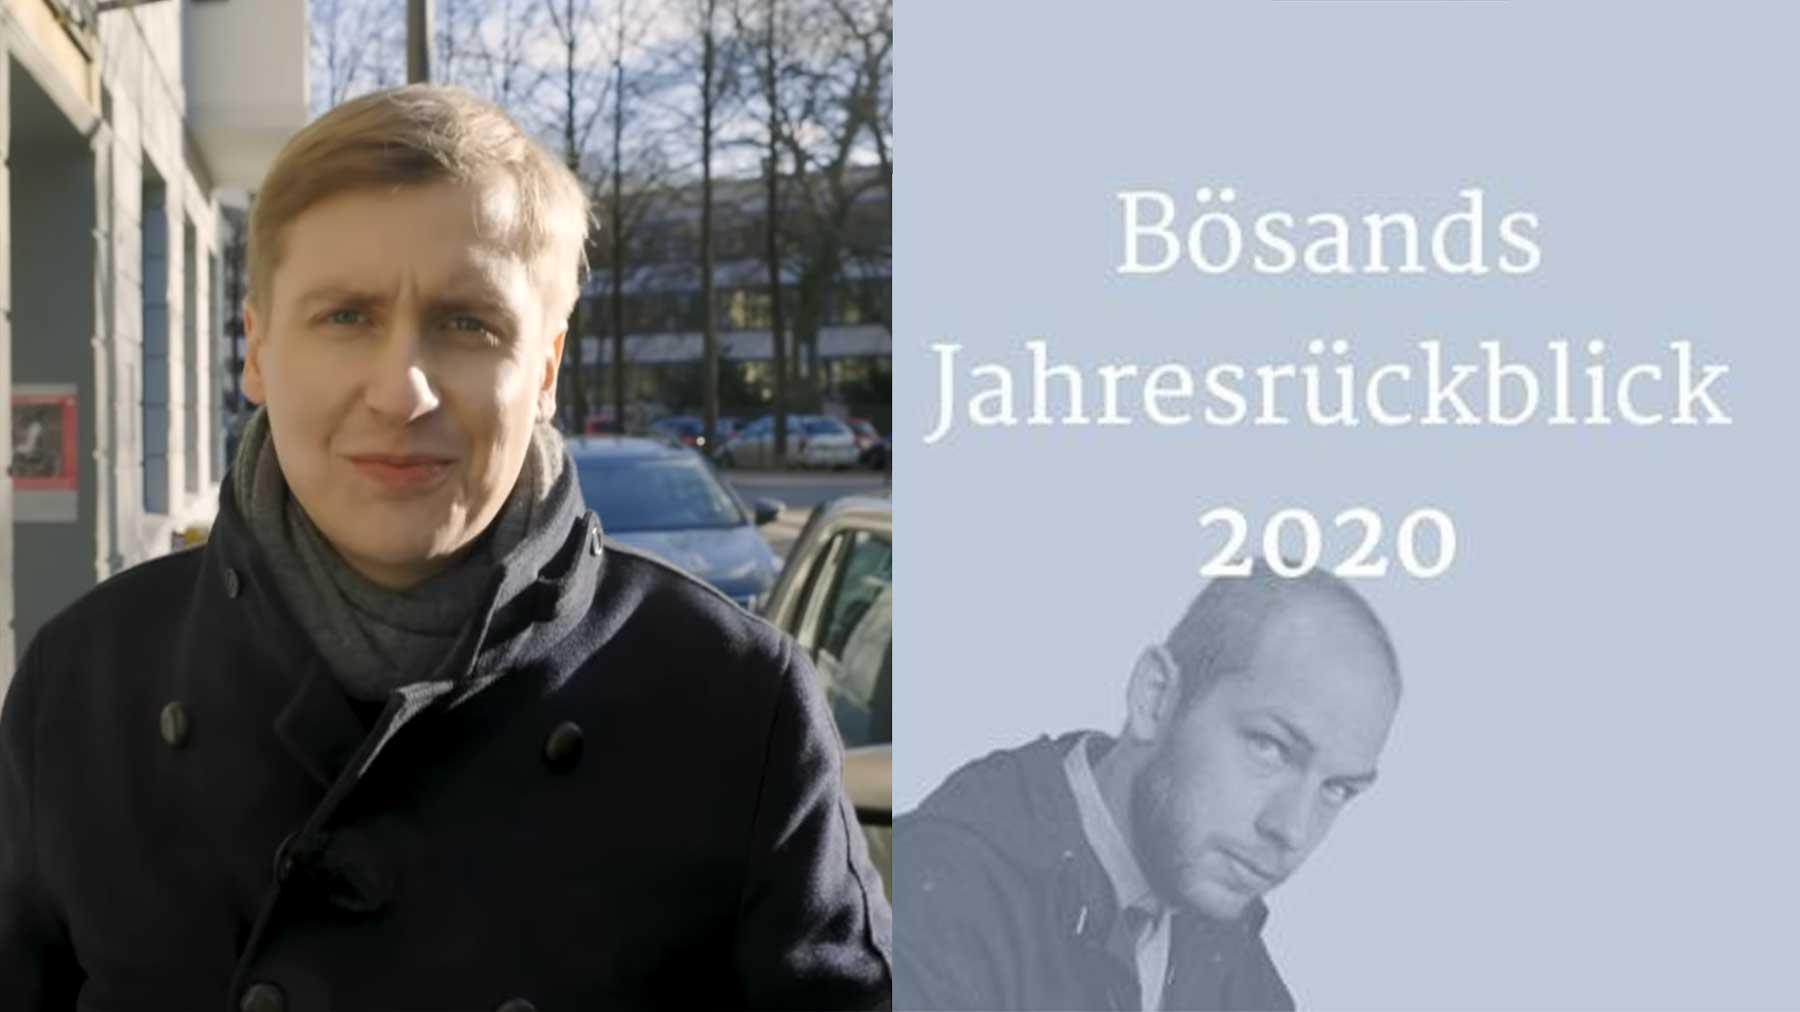 2020: Jahresrückblicke von Till Reiners & Philip Bösand jahresrueckblicke-2020-boesand-reiners